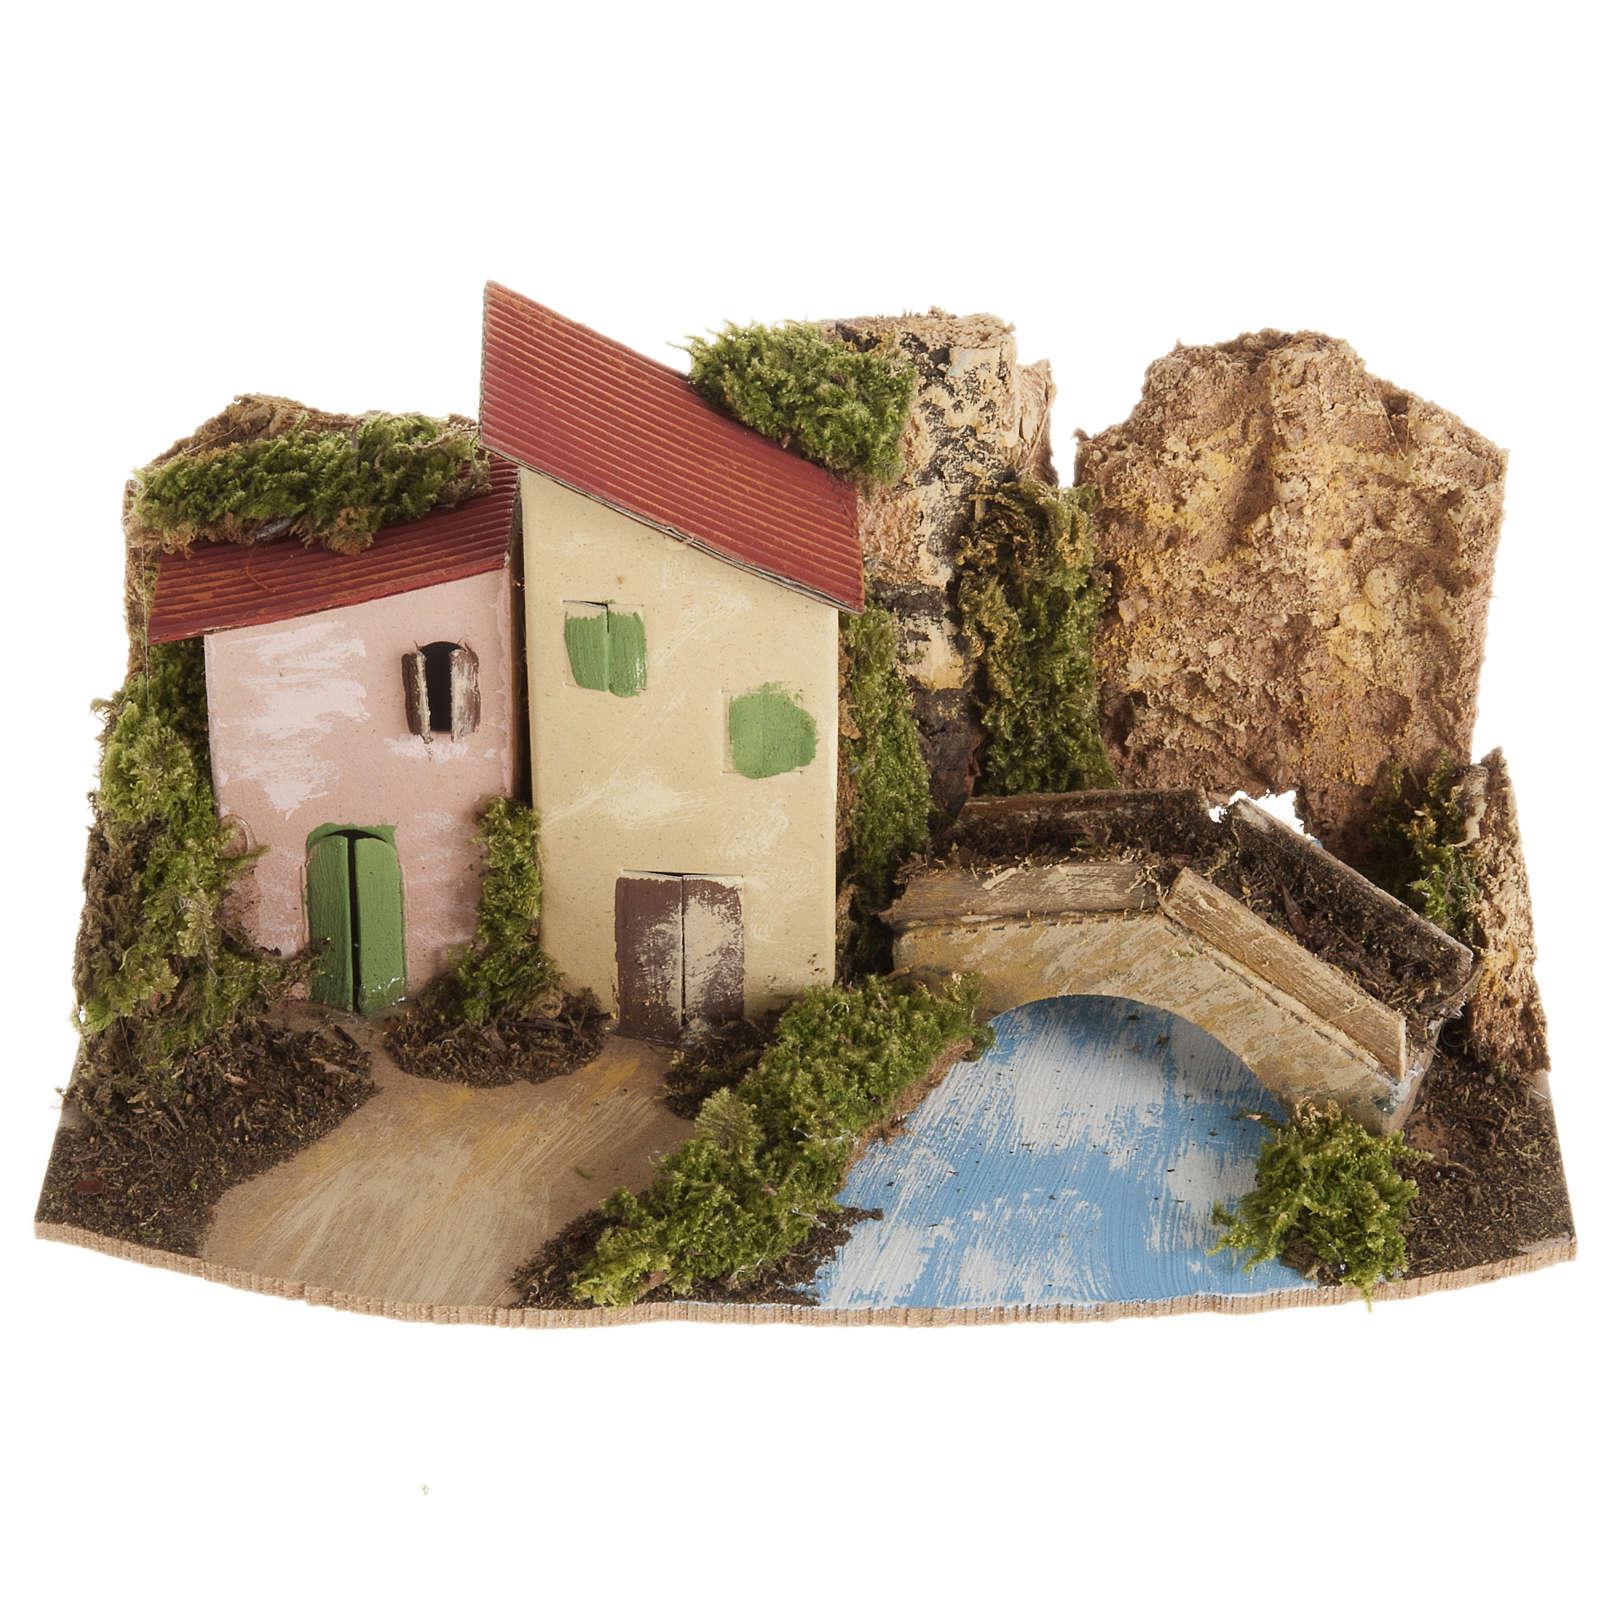 Maison décor crèche en bois avec pont 4